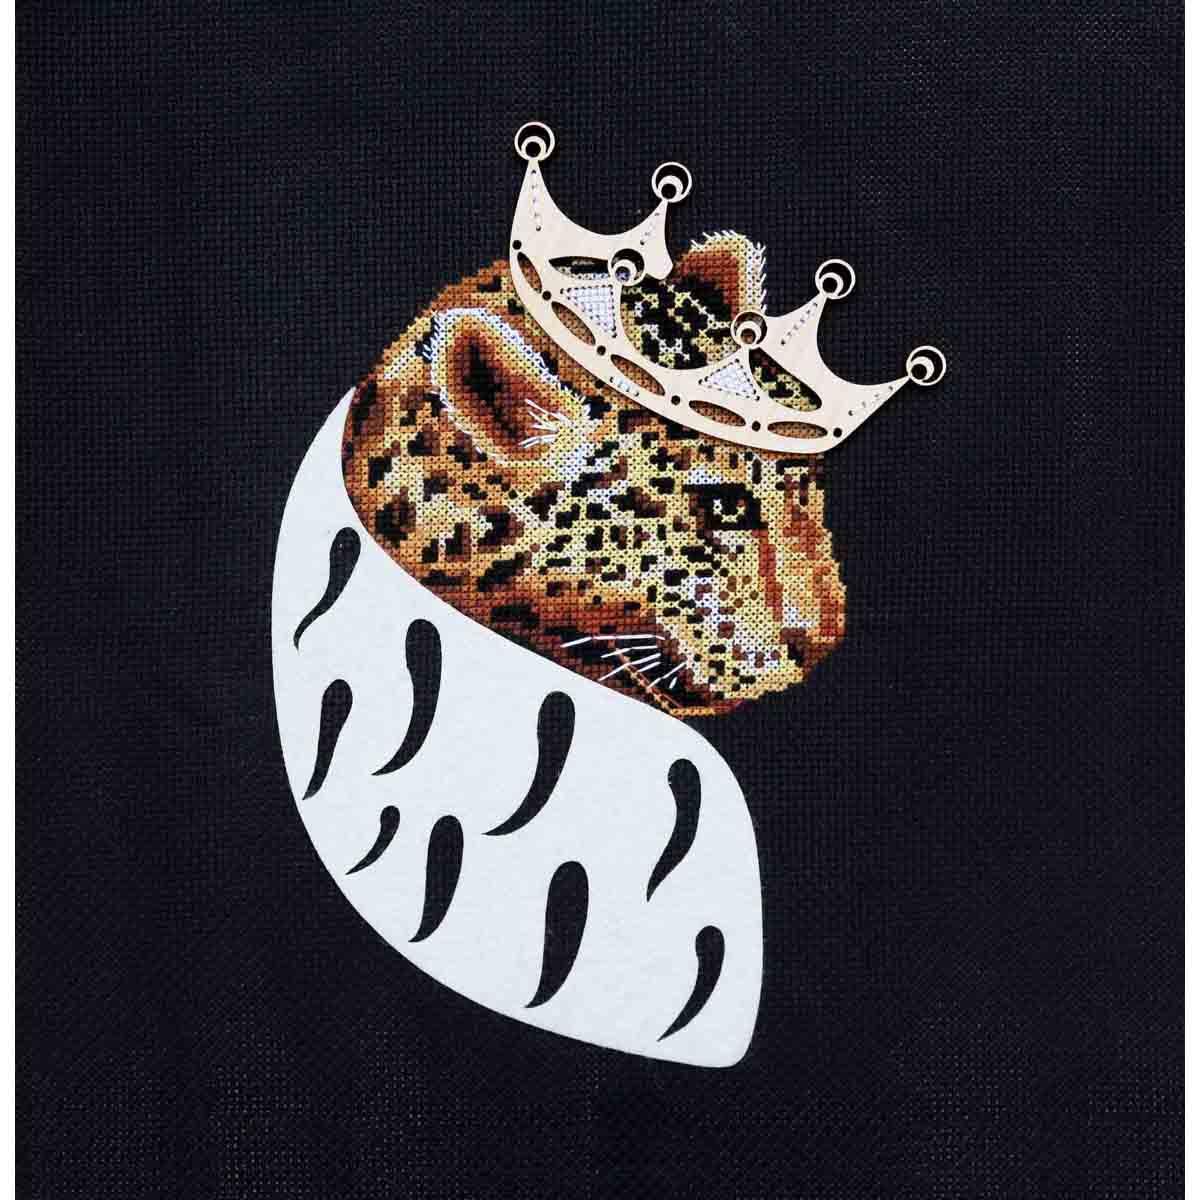 К-184 Набор для вышивания крестом Созвездие 'Король Лео' 22*15,5см